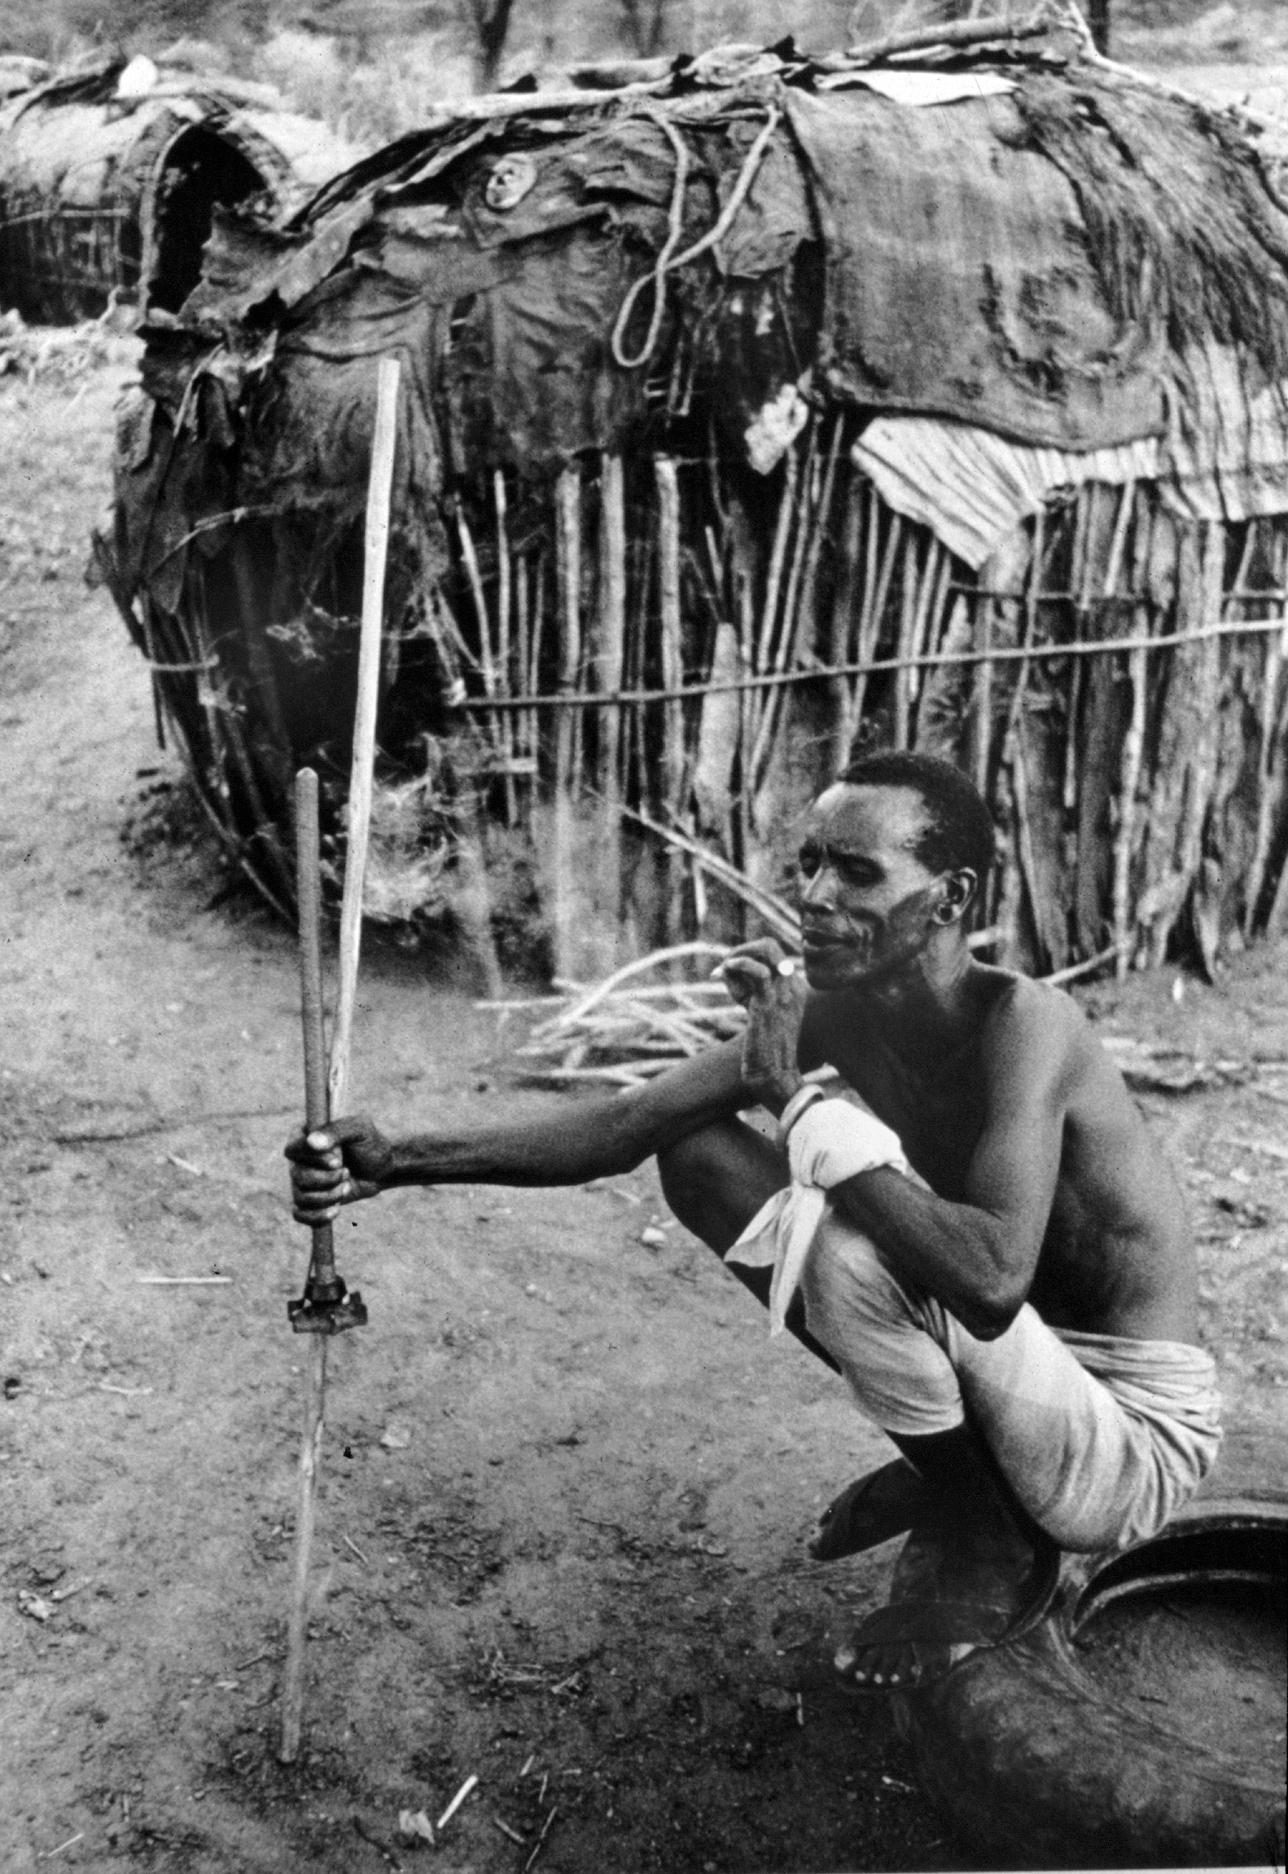 Rendille man, Marsabit, Kenya